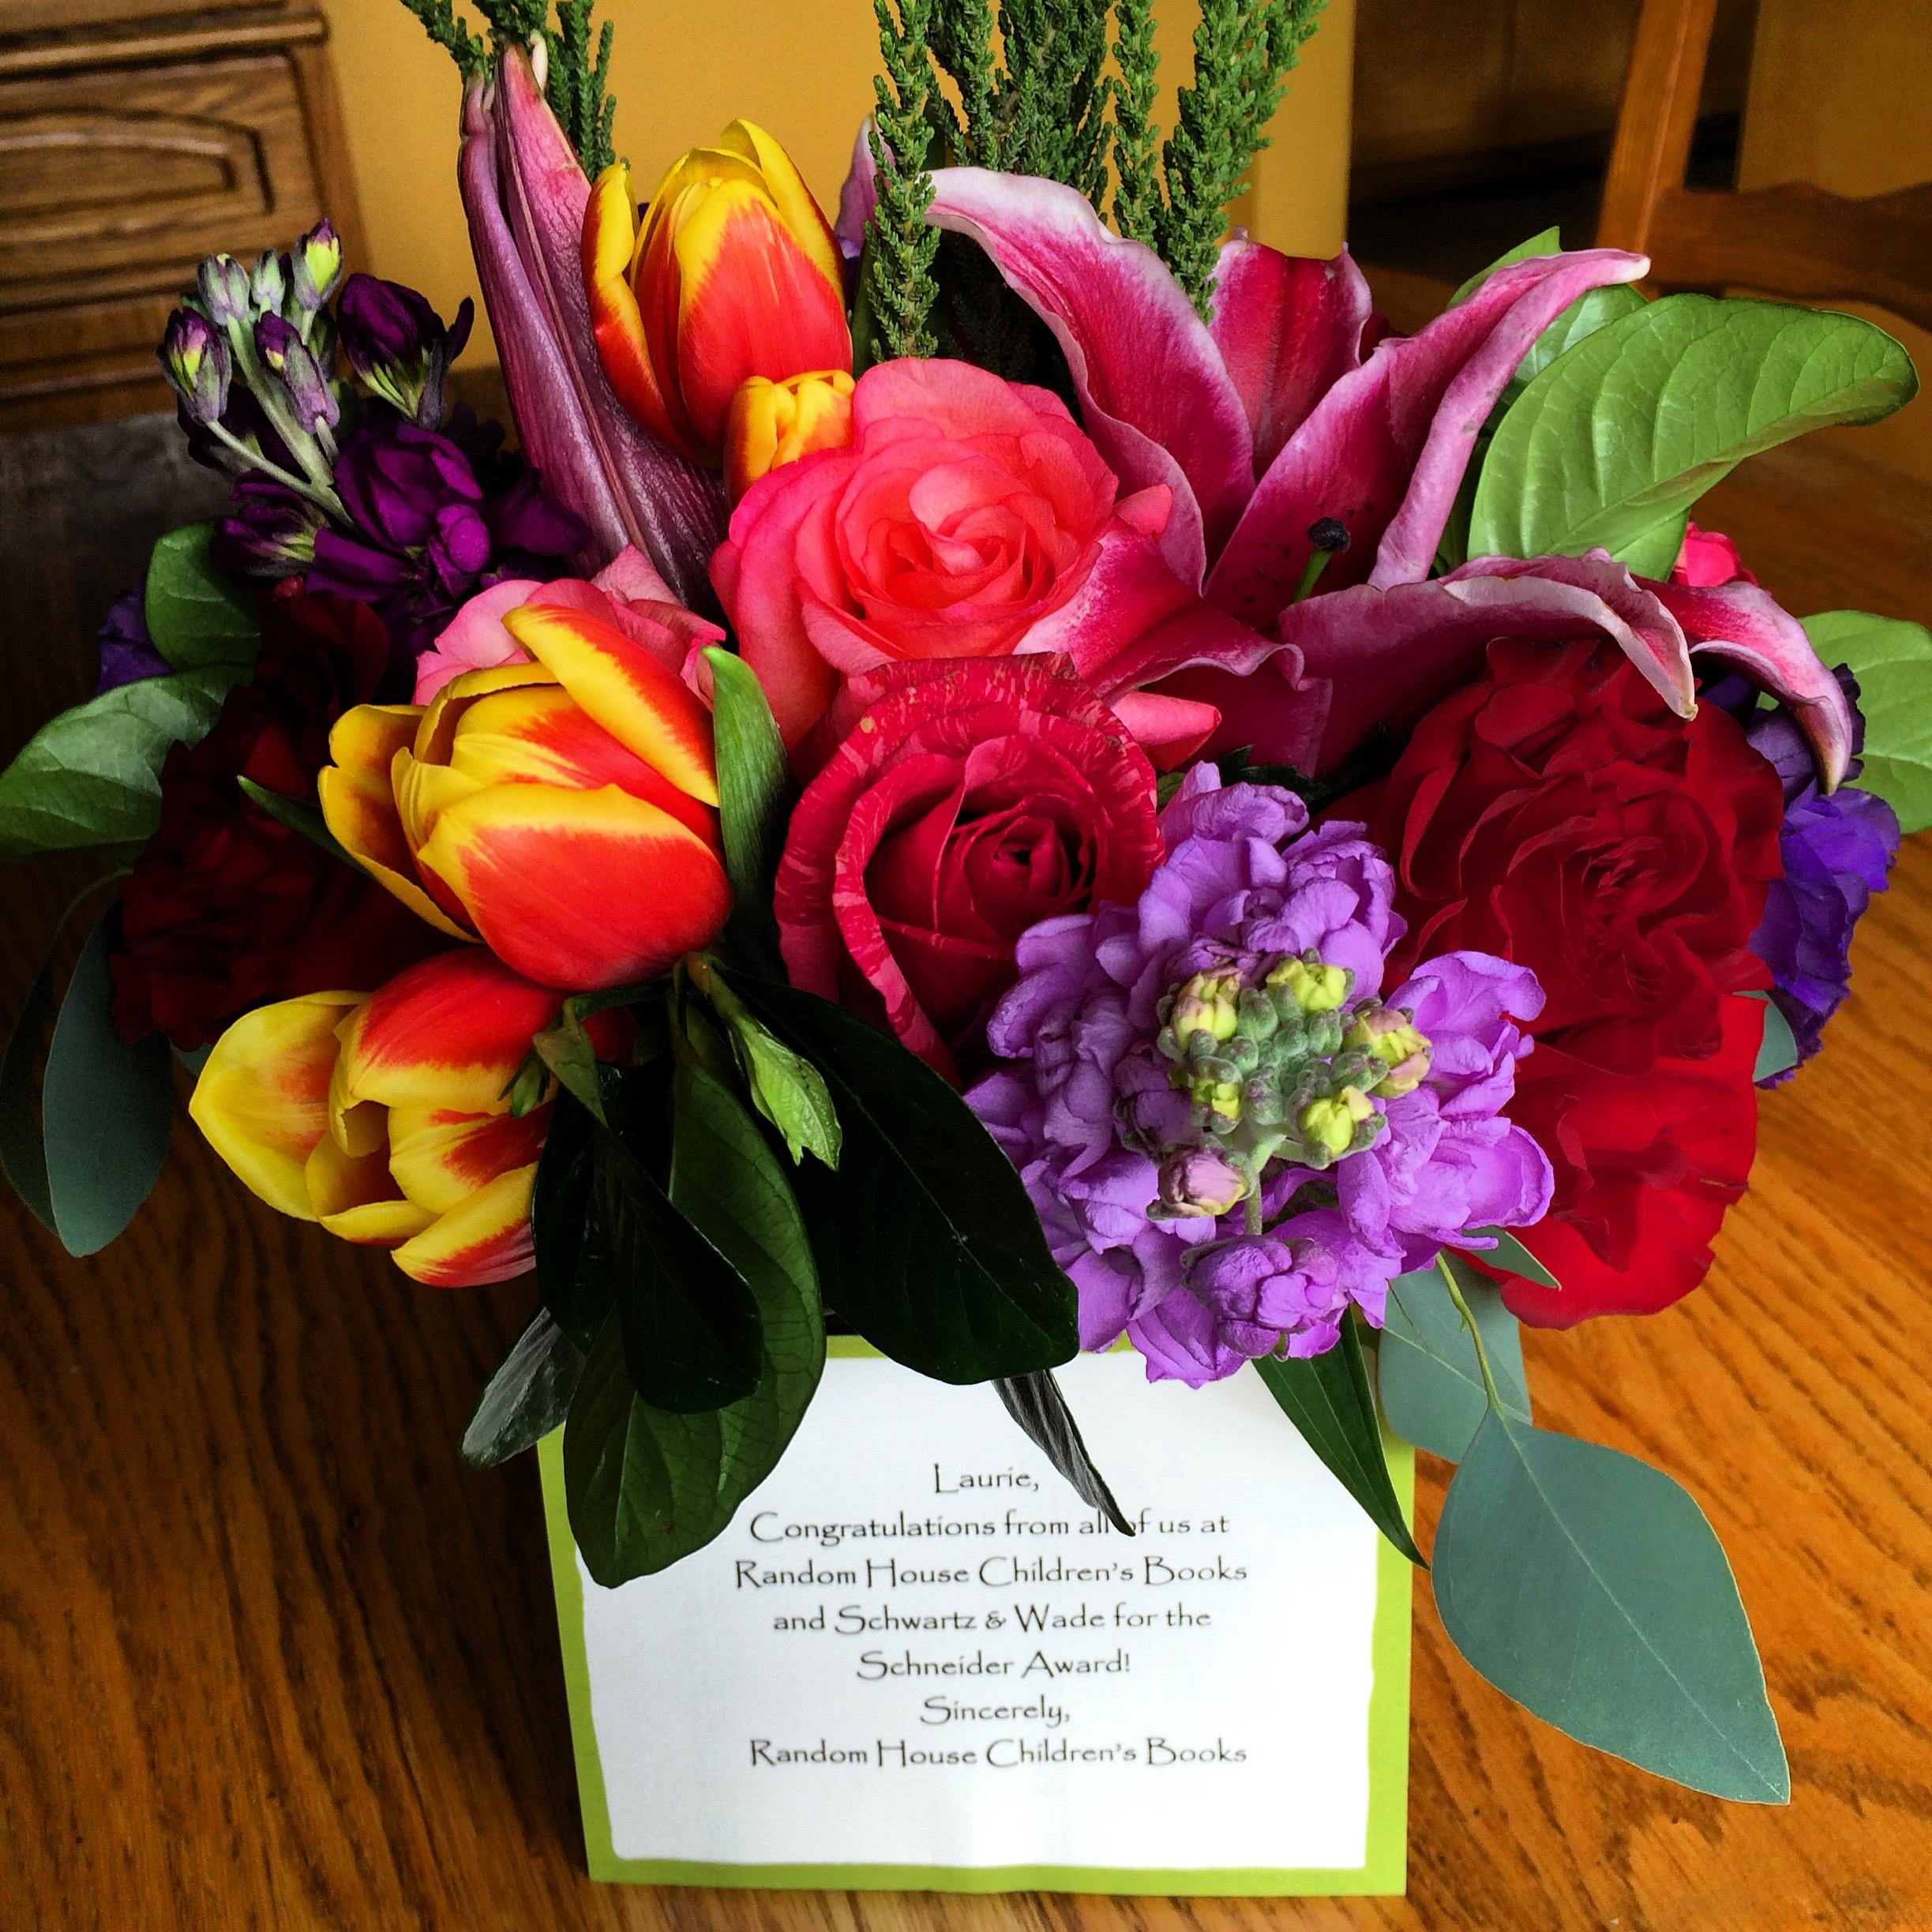 Schneider Award flowers